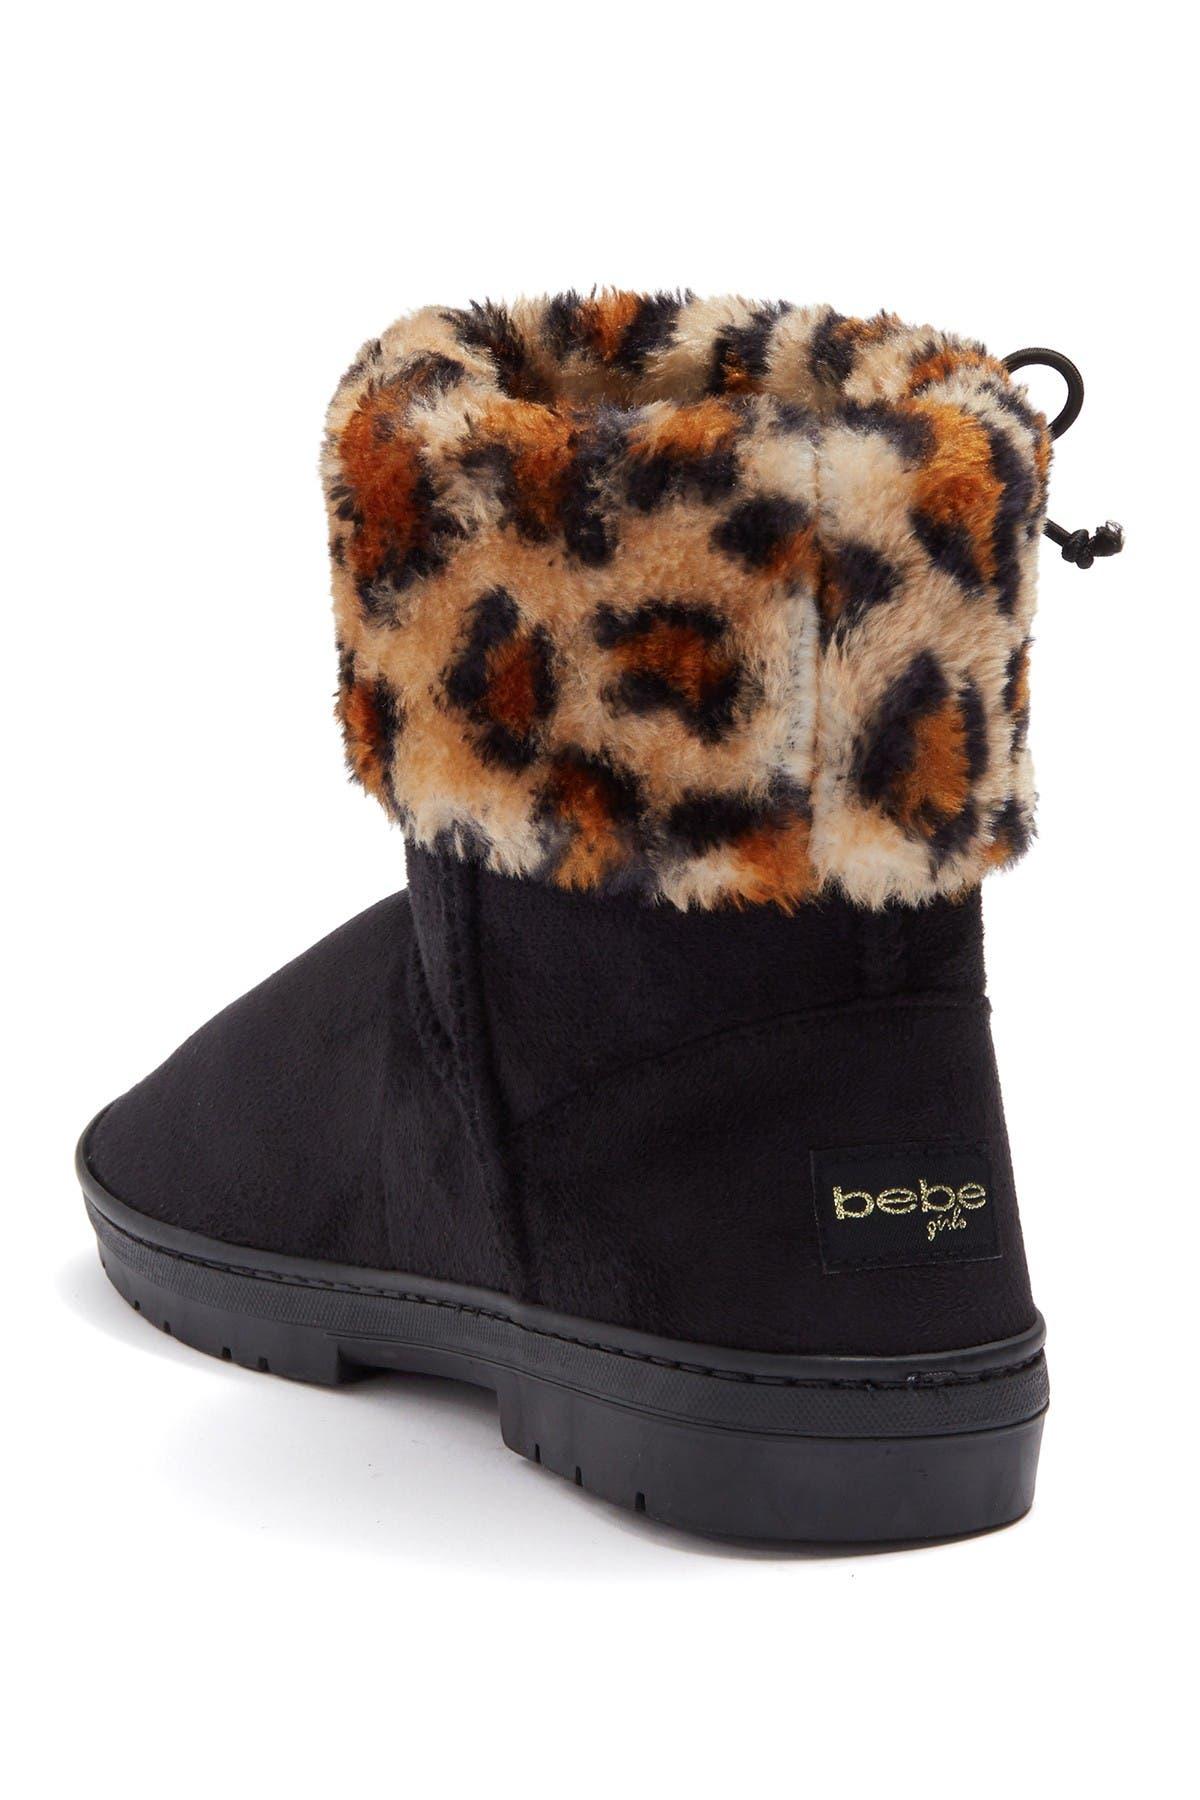 bebe   Winter Boots   Nordstrom Rack